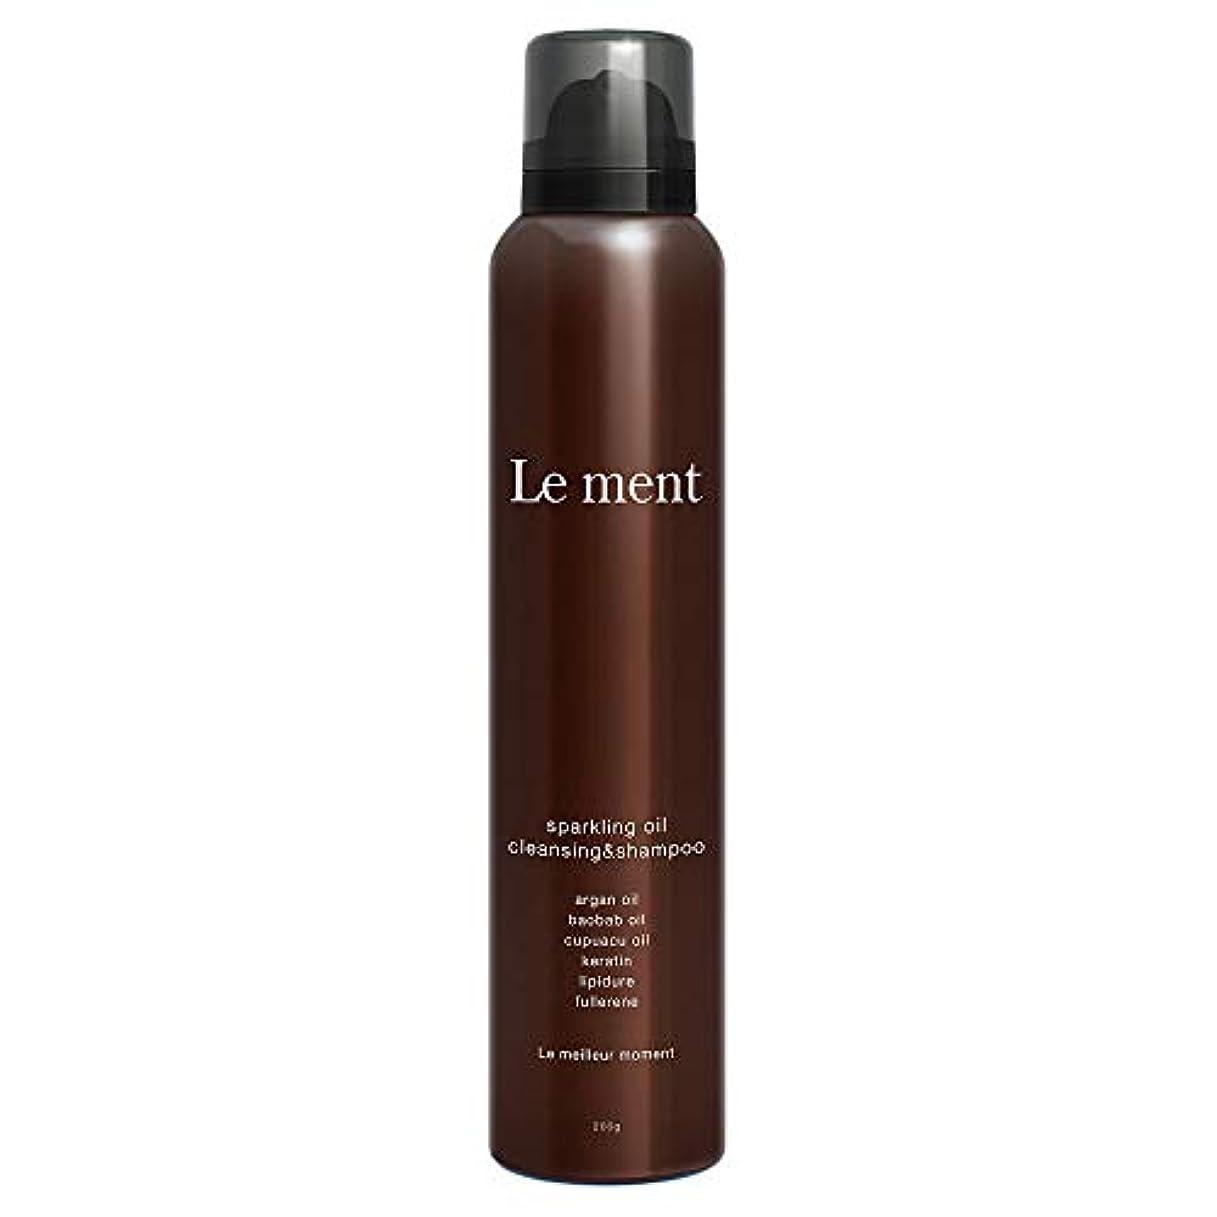 こどもセンターギャップトピックLe ment -sparkling oil cleansing & shampoo -